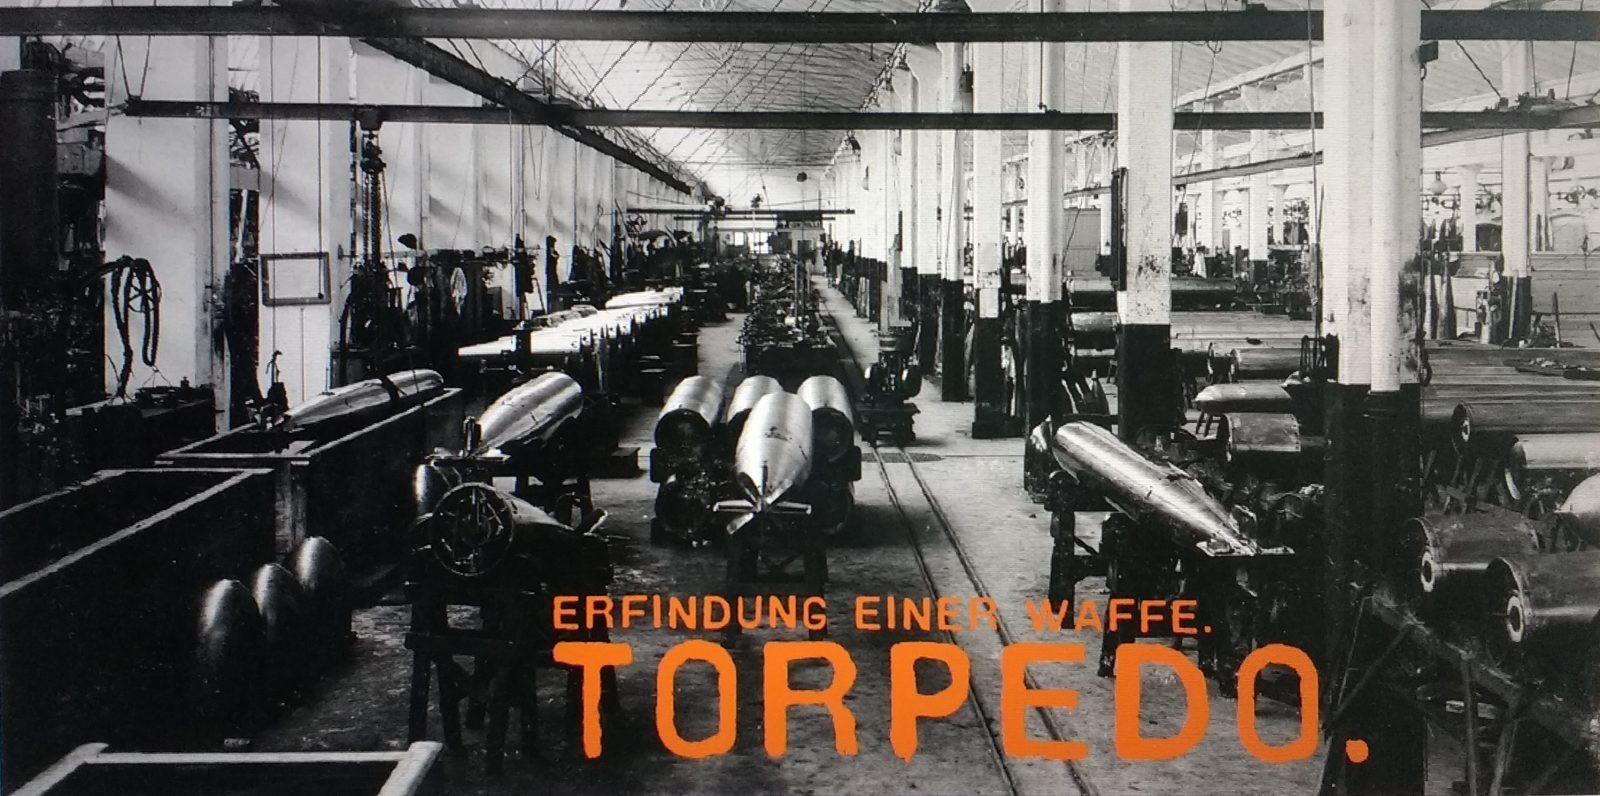 Torpedo. Erfindung einer Waffe